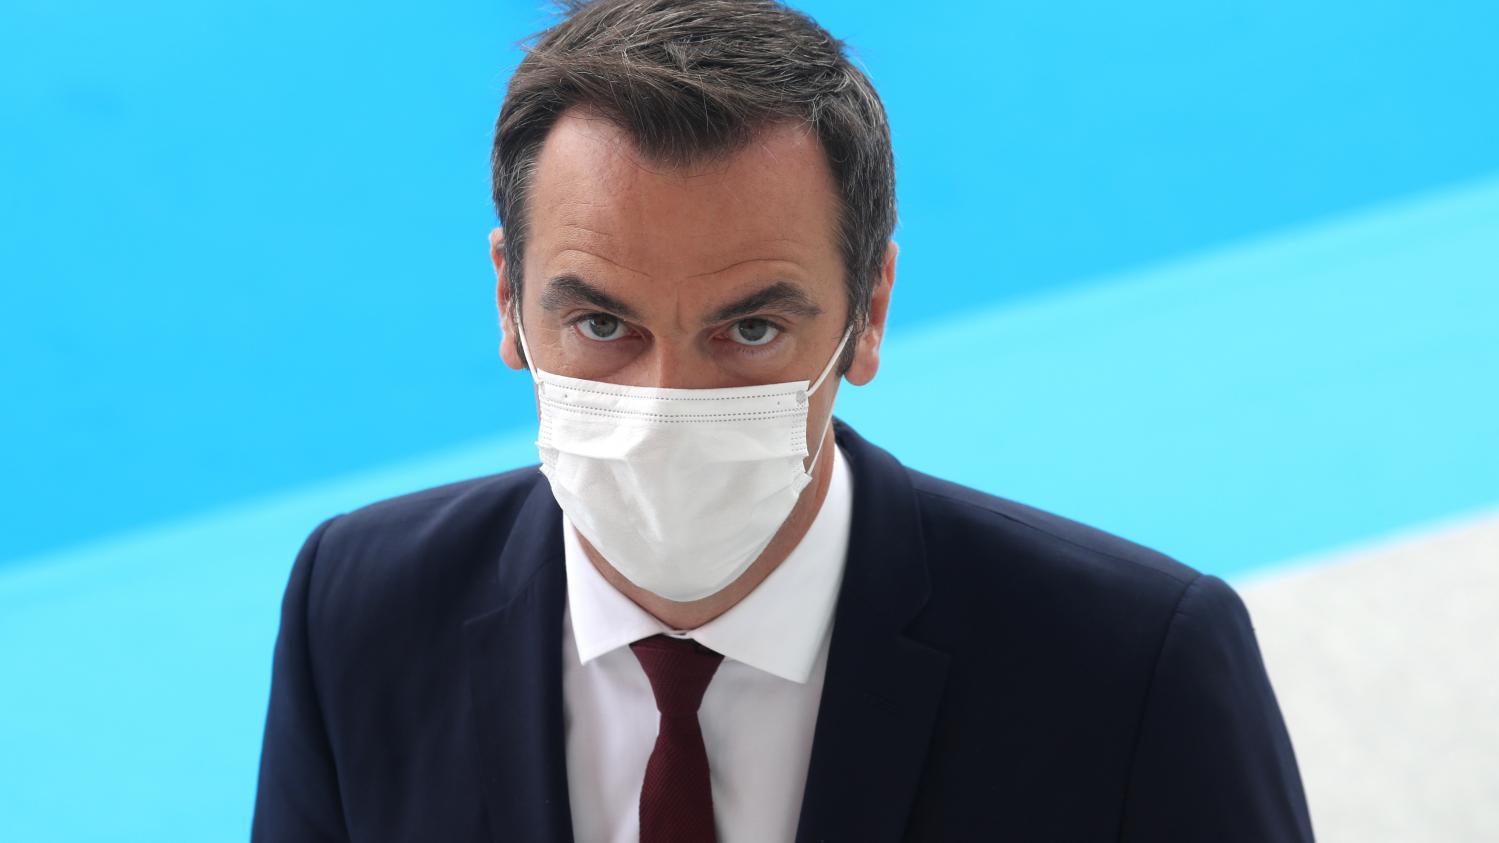 Obligation du masque dans les lieux clos : pourquoi la mesure n'entrera en vigueur qu'aux alentours du 1er août